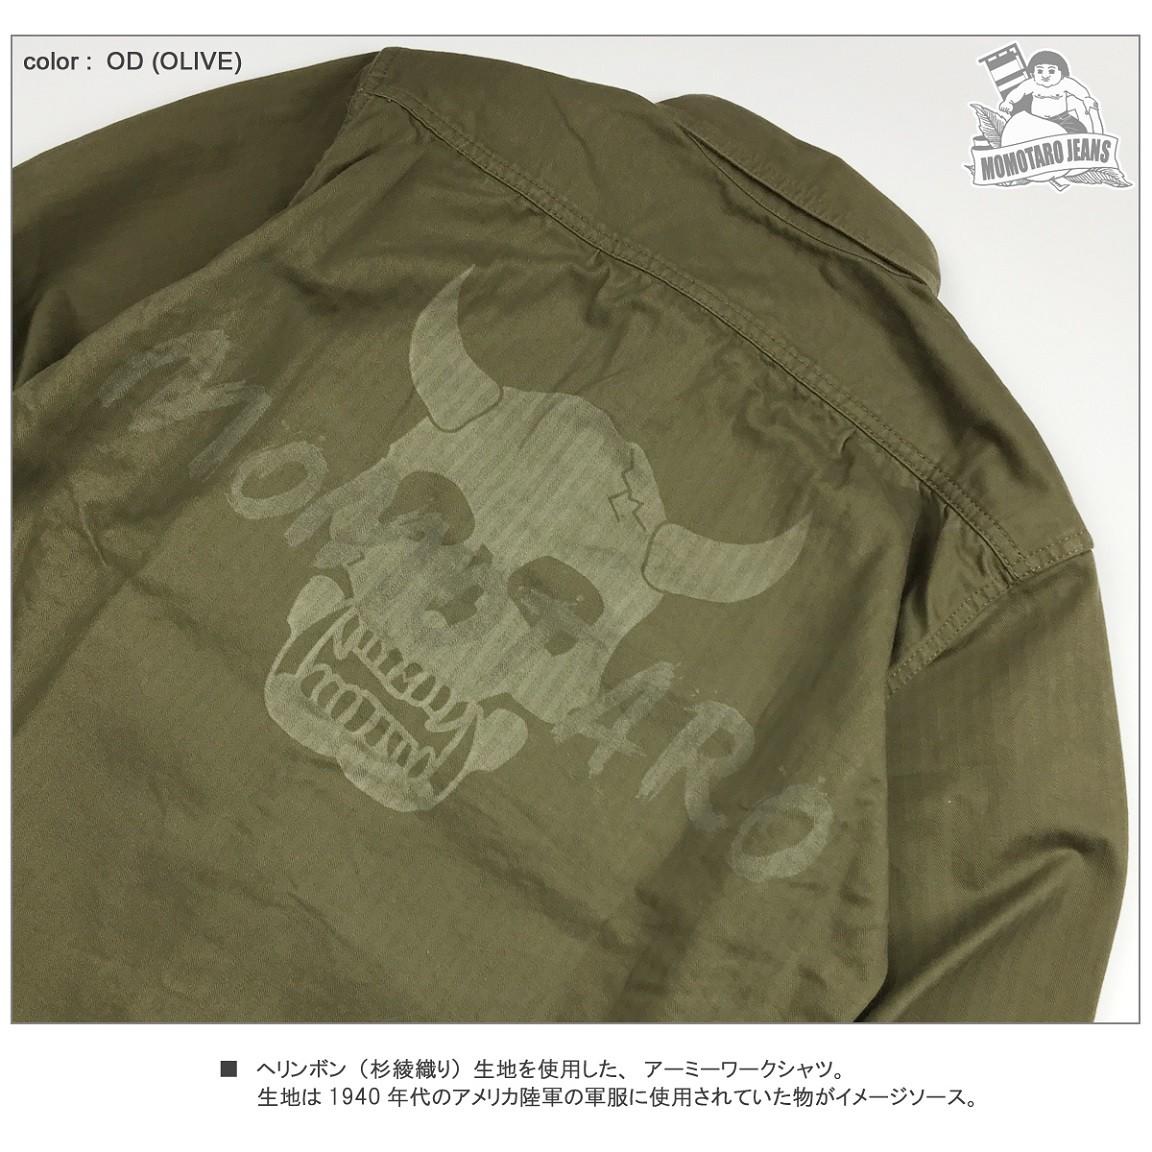 桃太郎ジーンズ 05-160 ワークシャツ 画像4